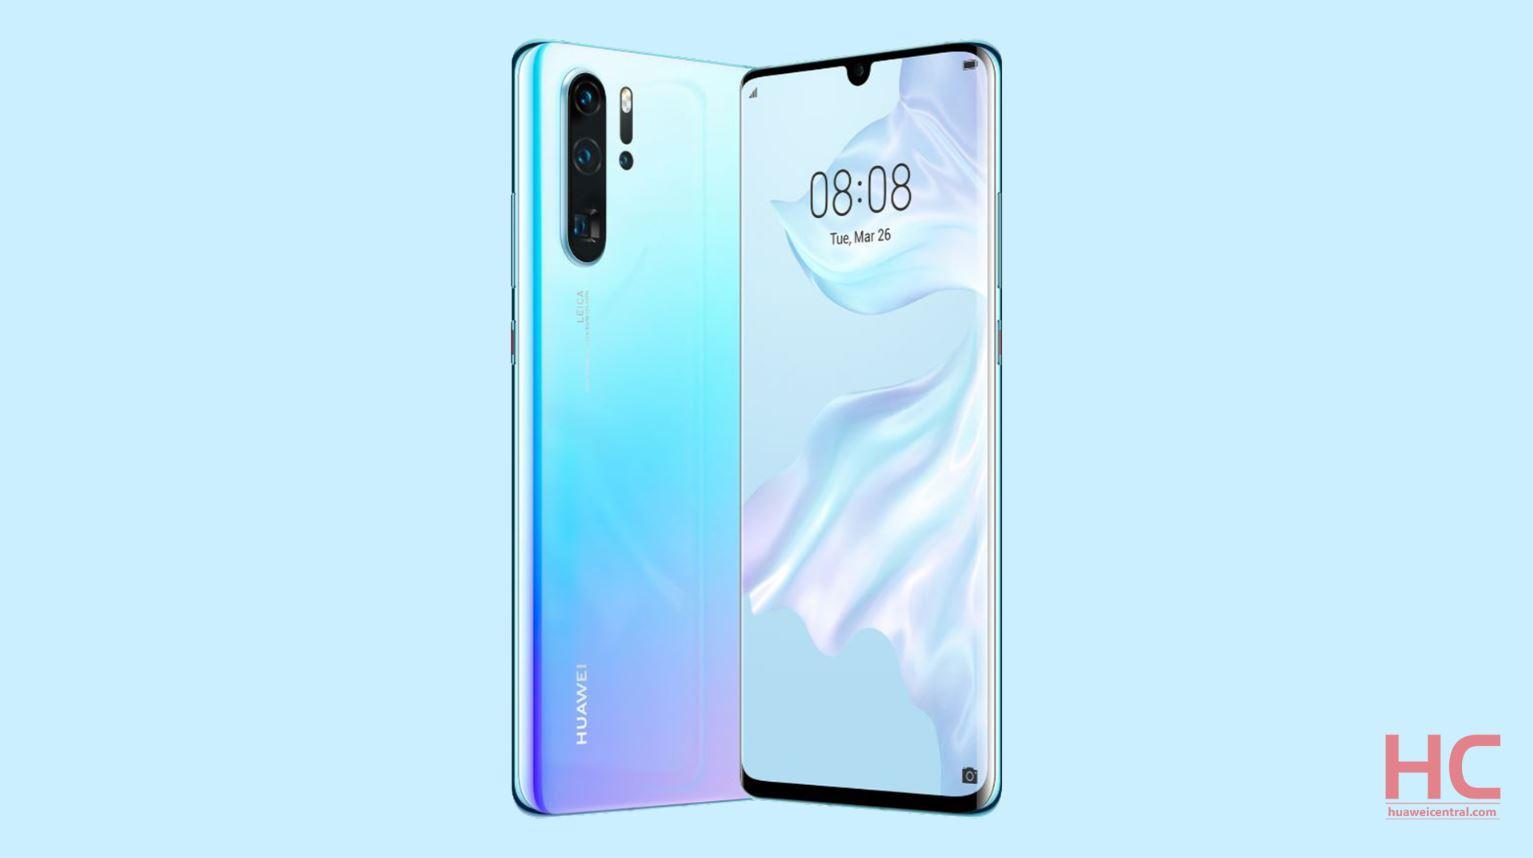 Huawei P30 sahipleri için merakla beklenen güncelleme yolda!